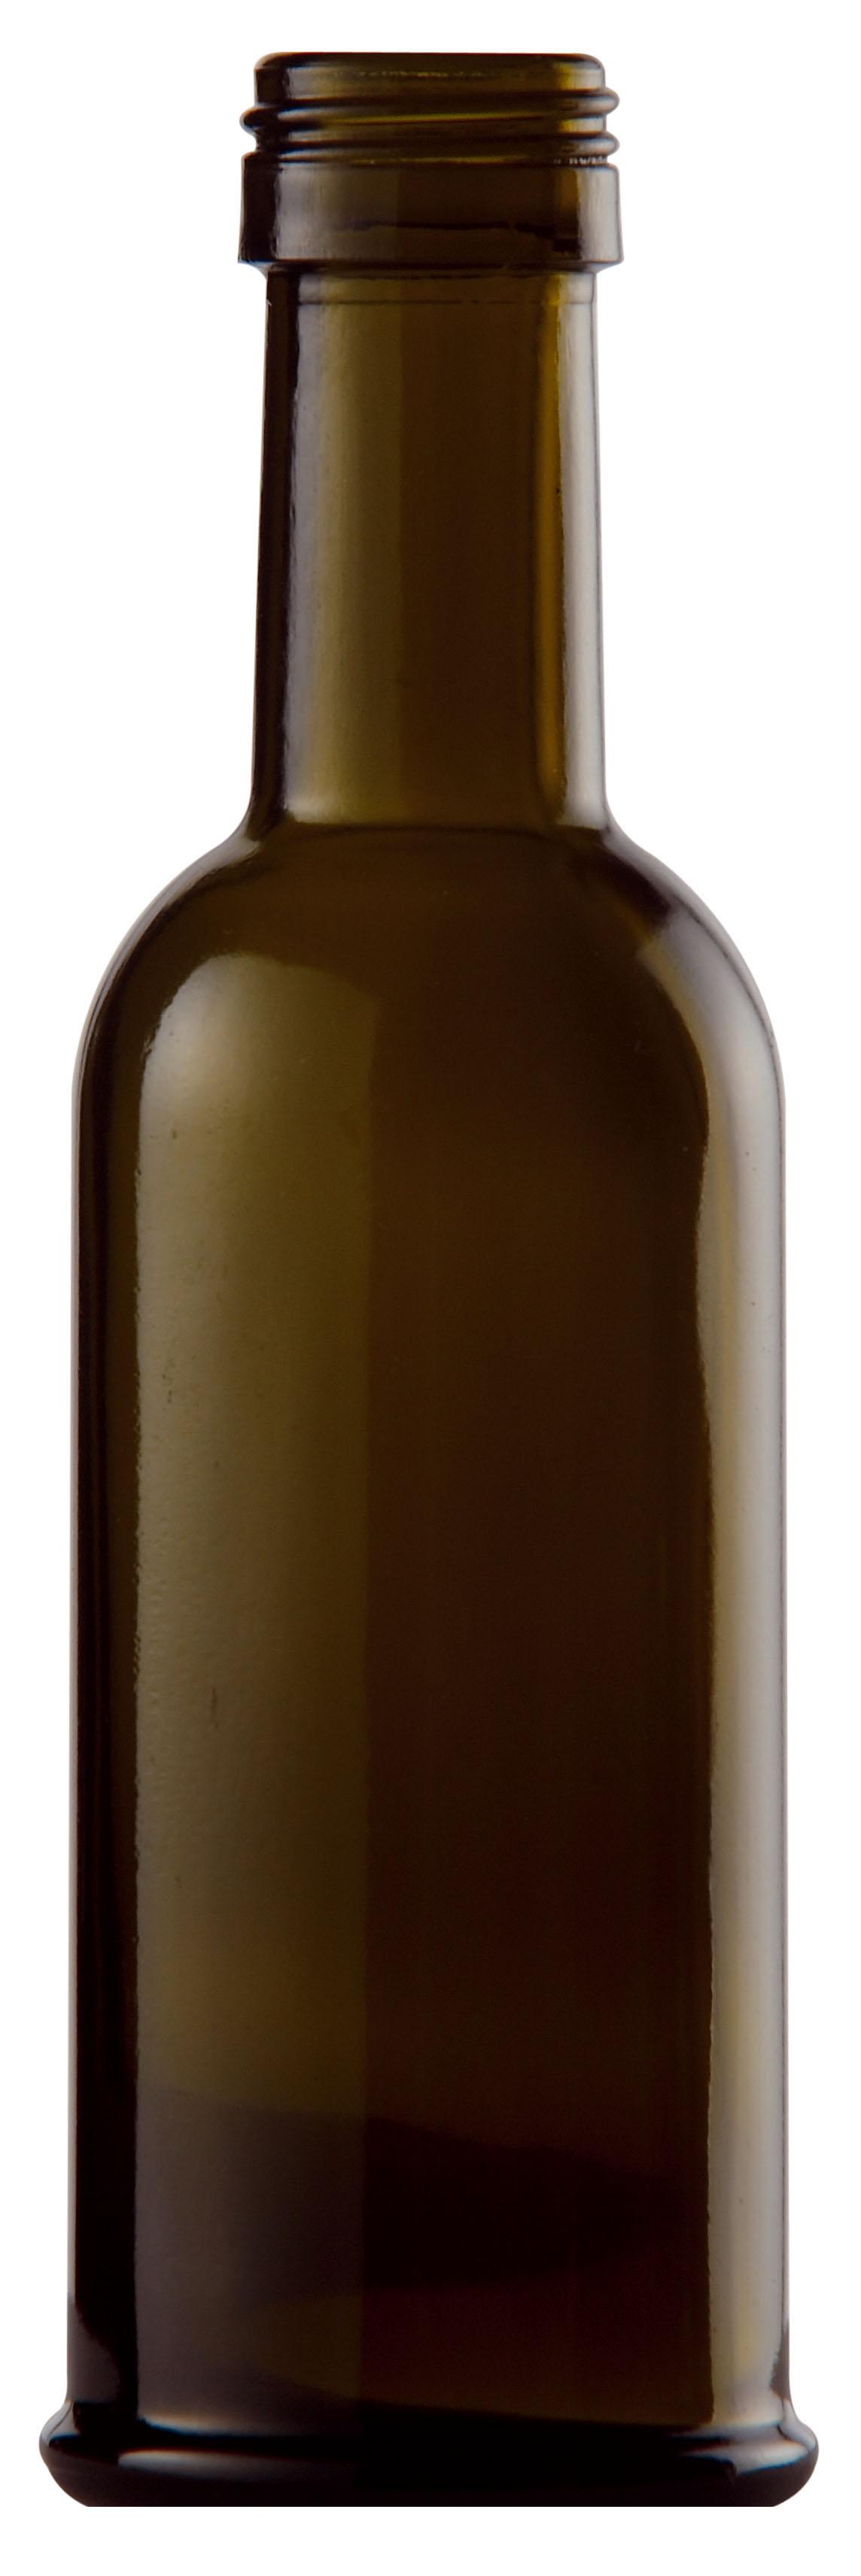 http://ut20.com/botellas-de-vidrio-botellas-para-vino-botellas-aceites-botellas-licores/